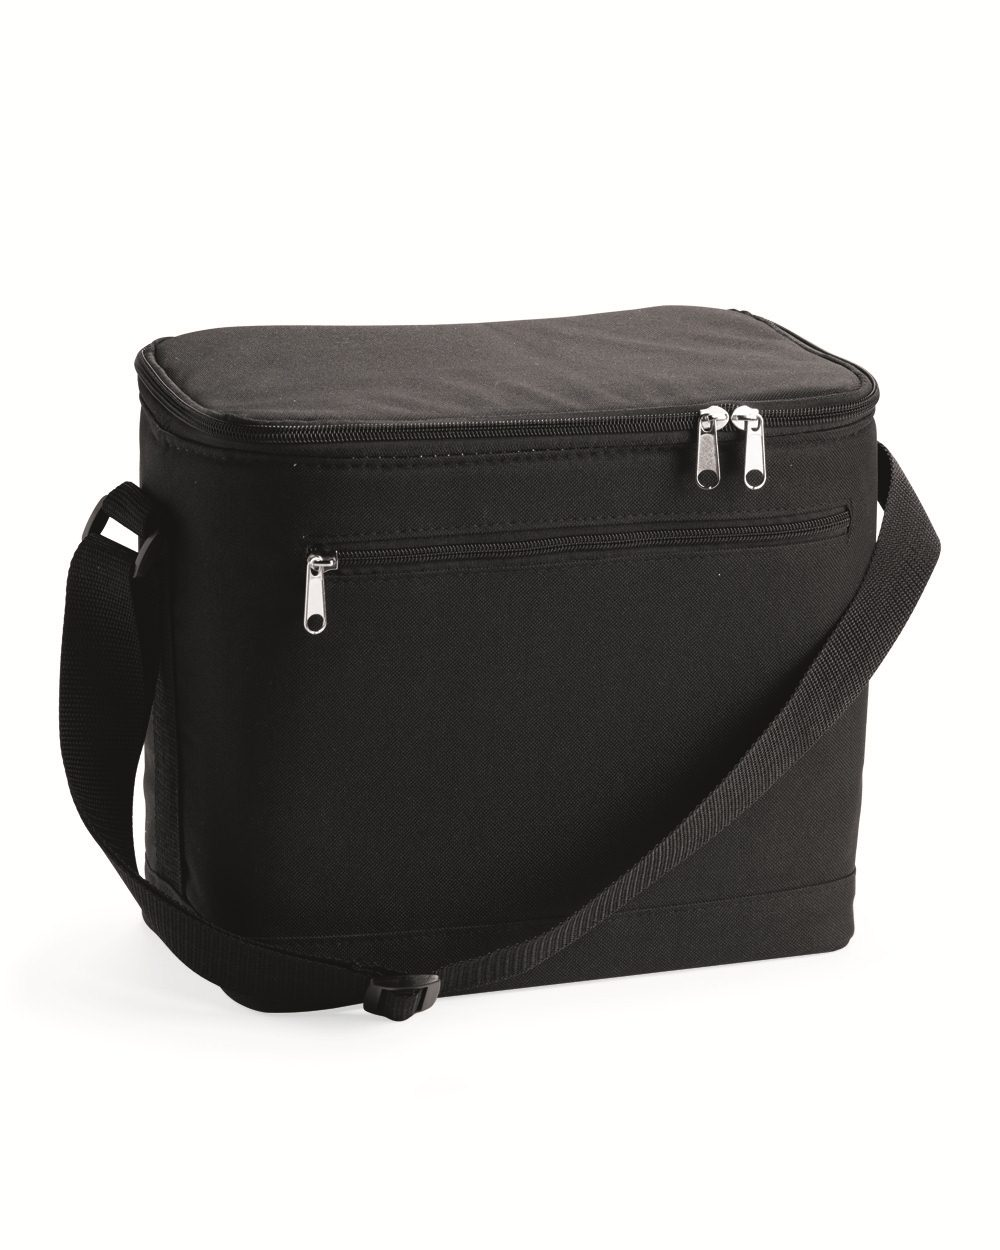 Liberty Bags Joseph Twelve-Pack Cooler - 1695